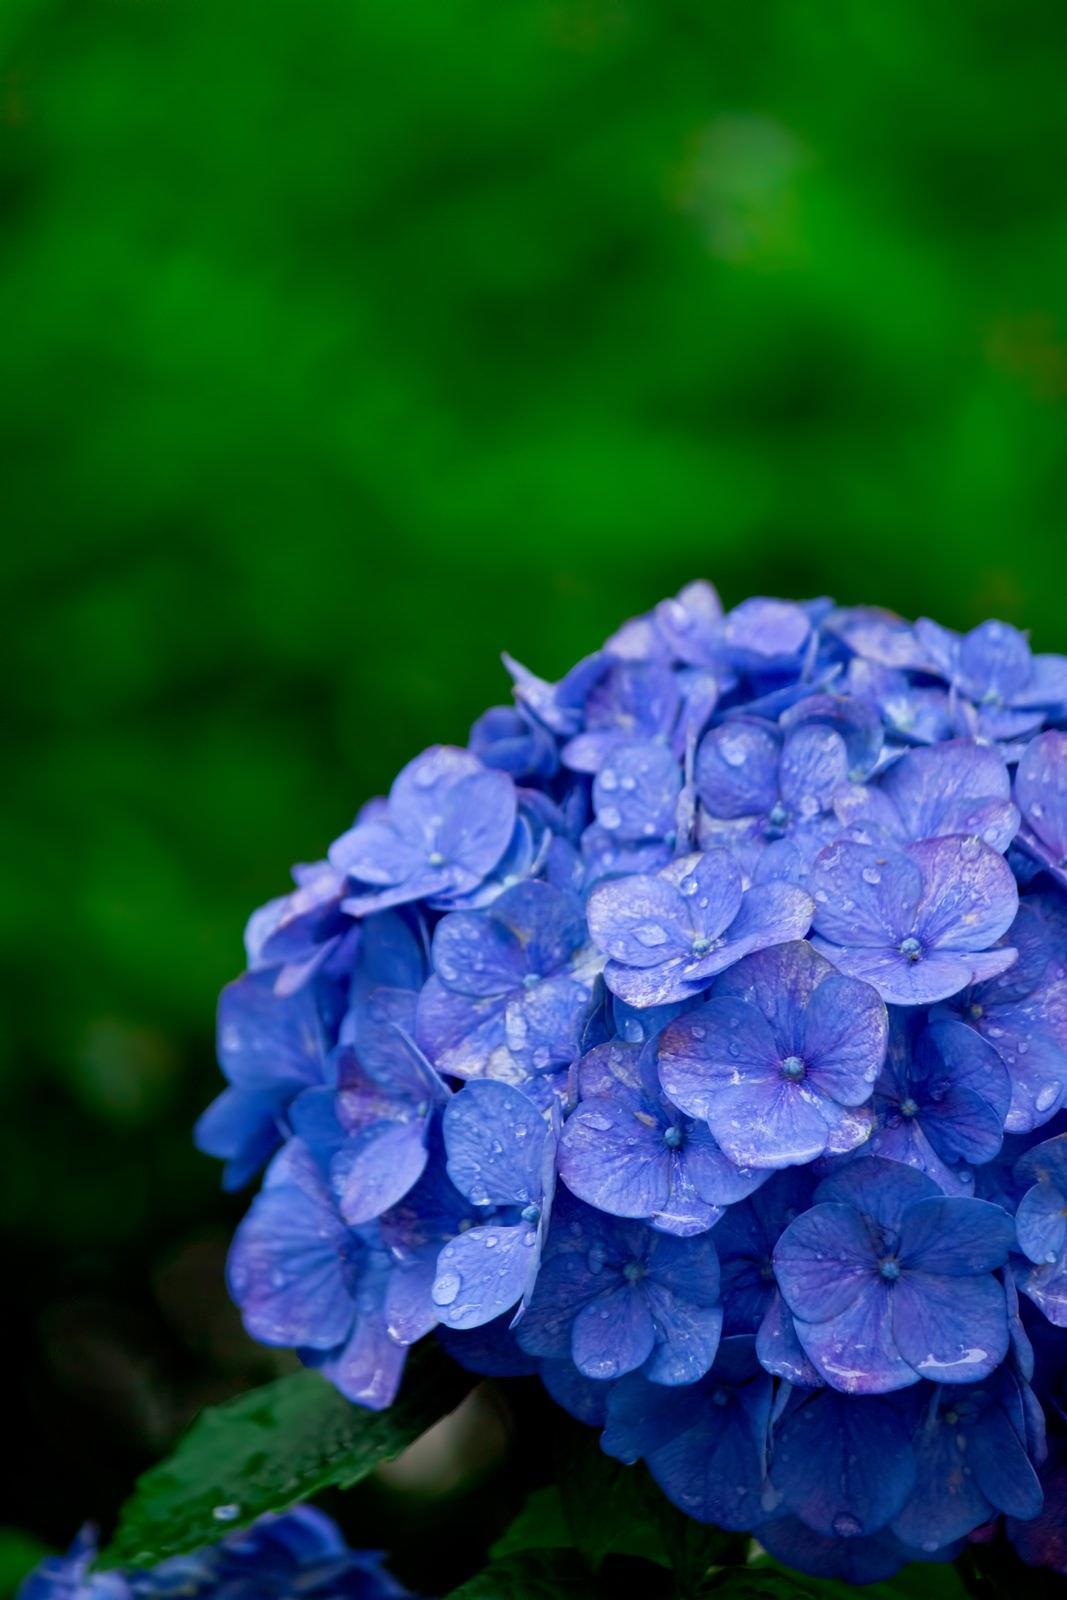 雨に濡れた紫陽花雨に濡れた紫陽花